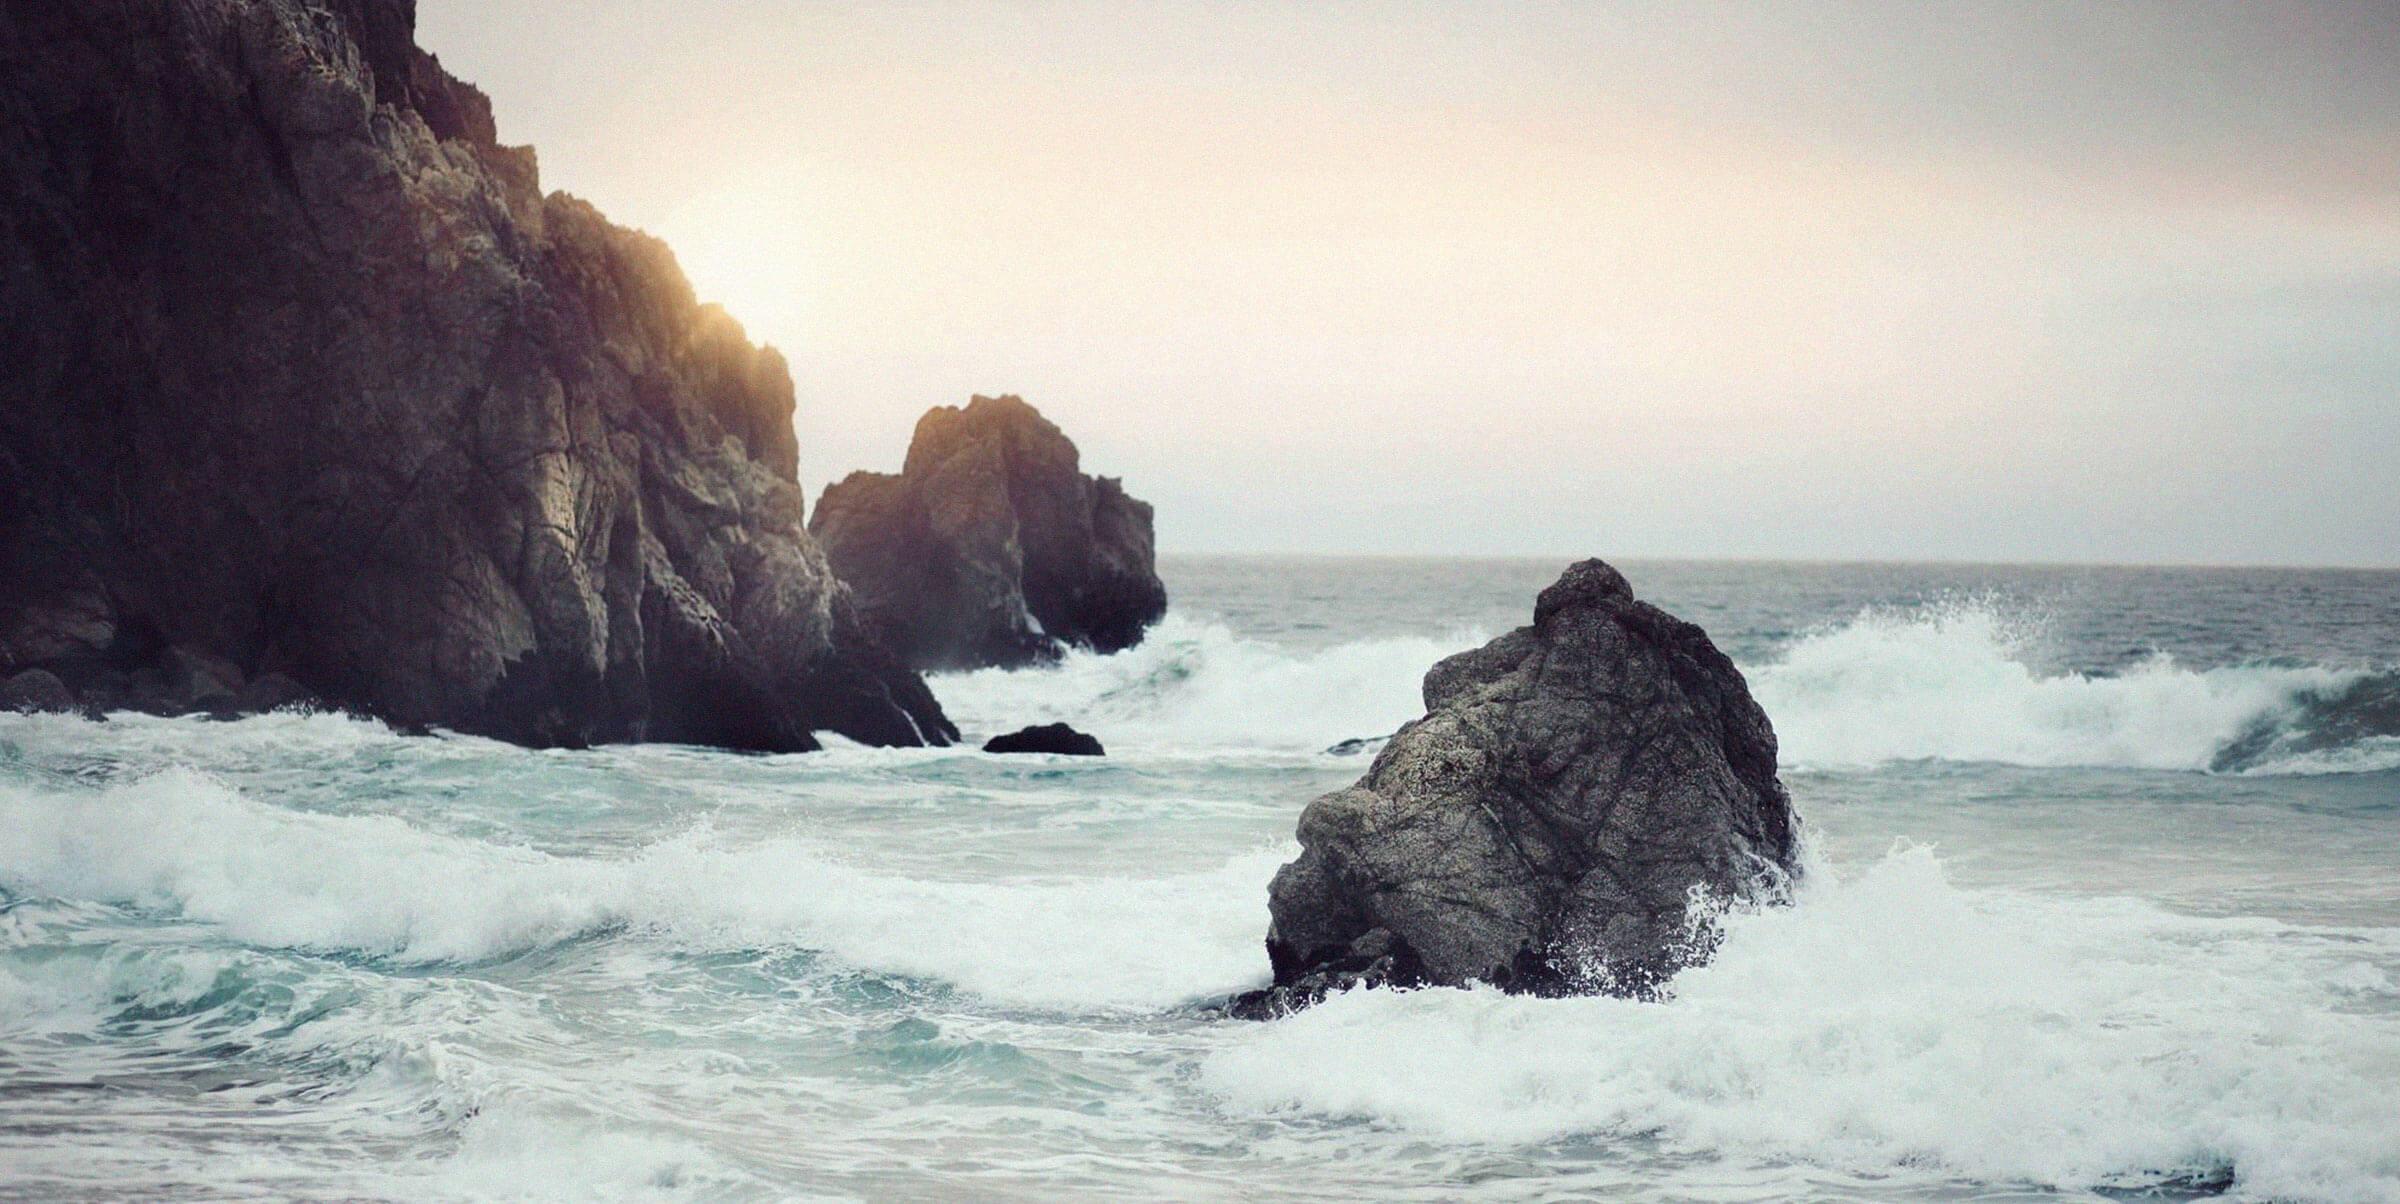 ecopes-mar-olas-rocas-funcionamiento-ecosistemas-marinos-azti